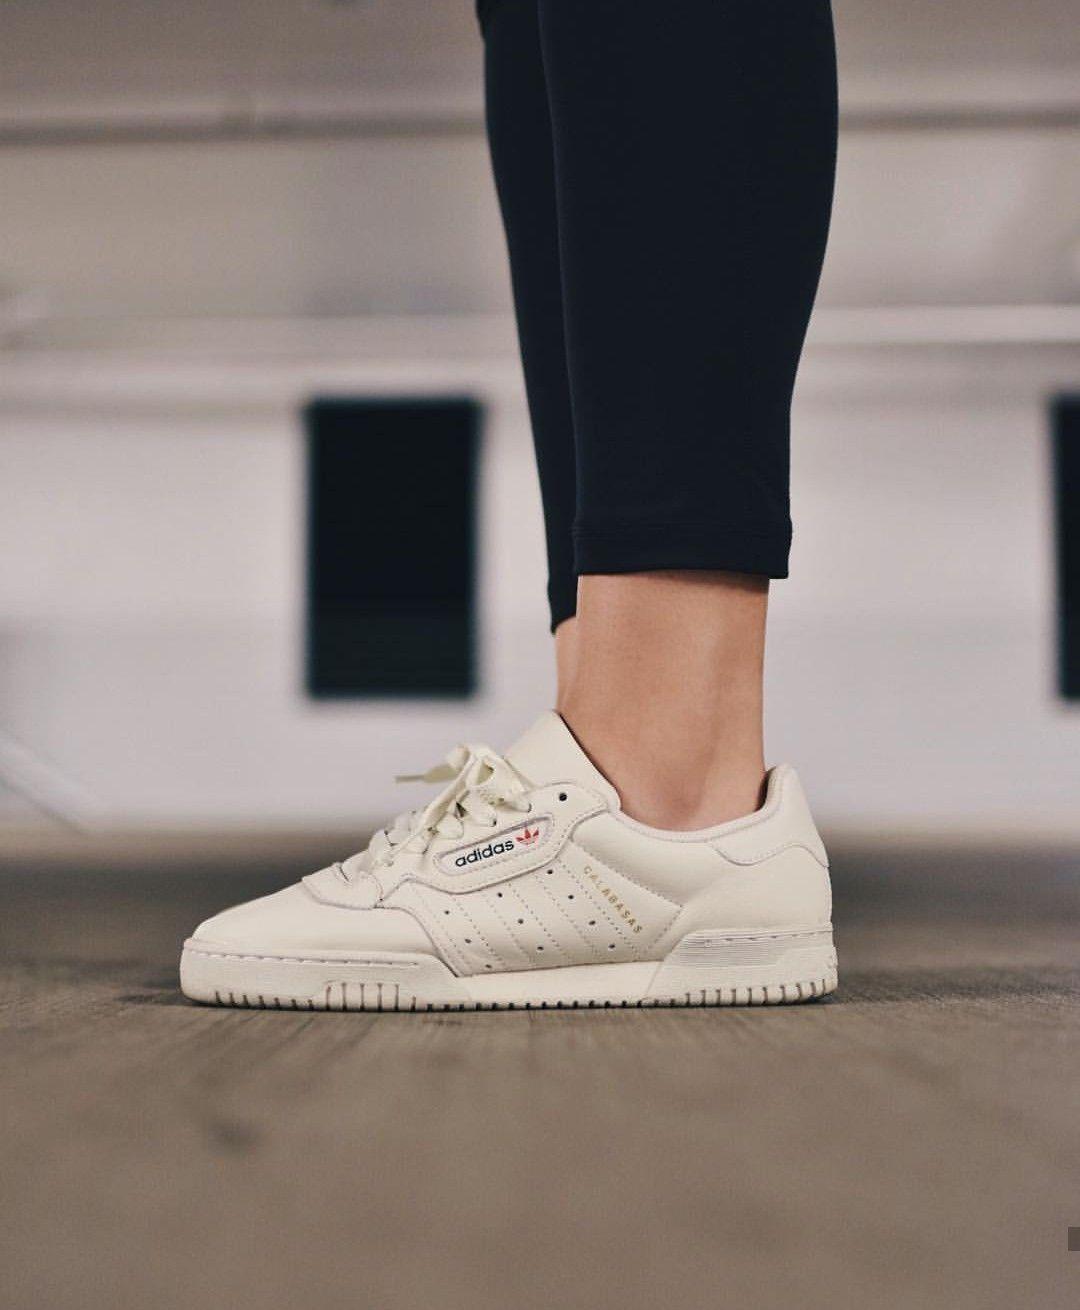 adidas Originals calabasas in weiß/beige // Foto: dianakmir ...